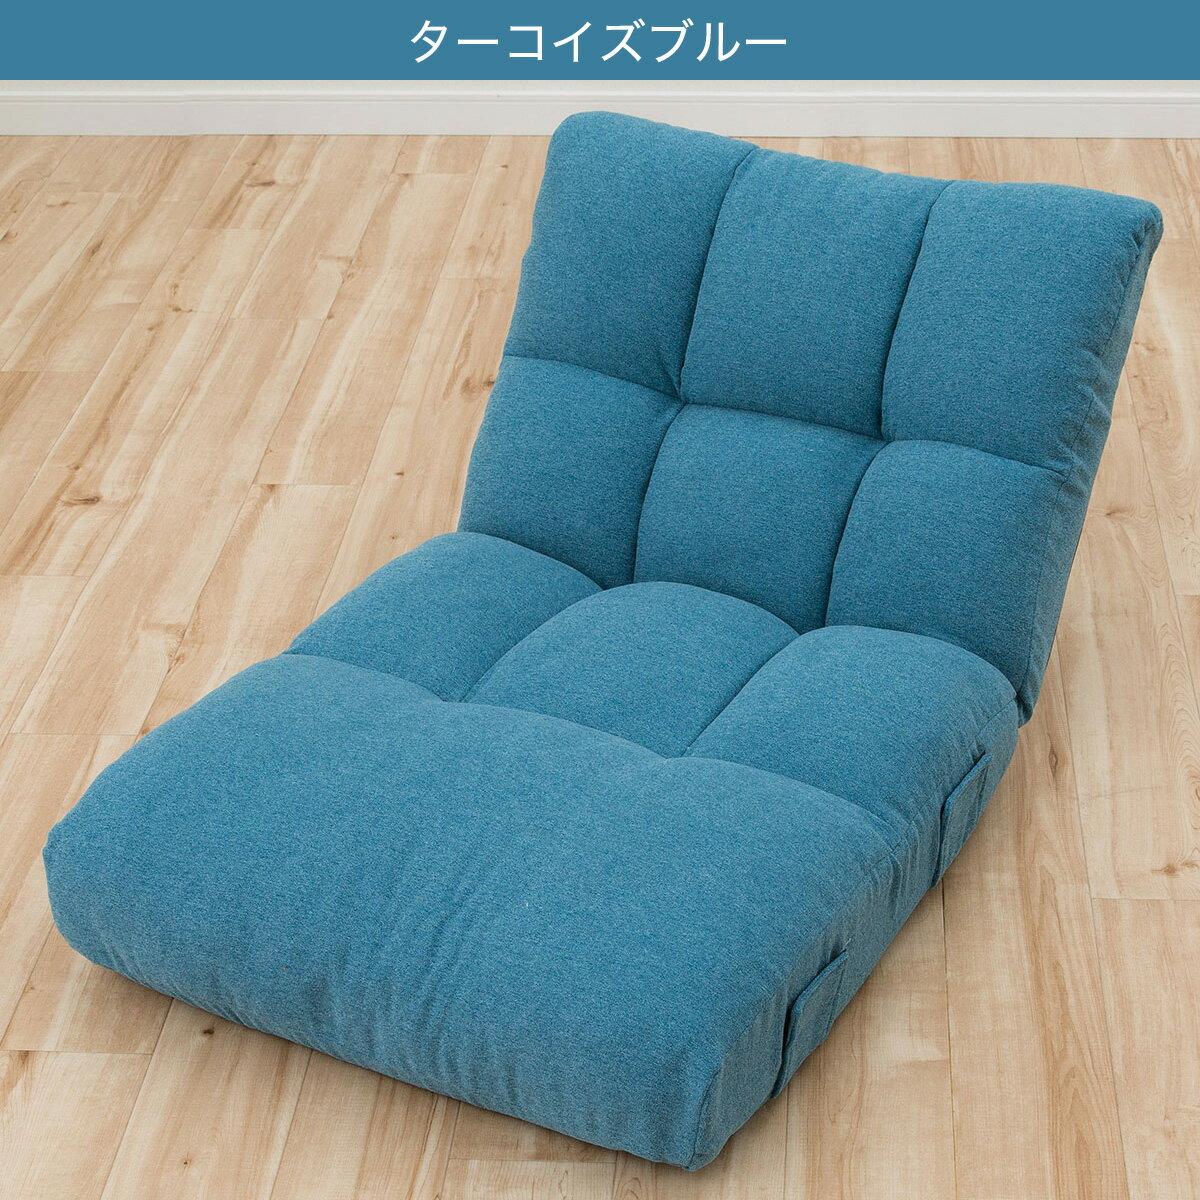 ニトリ『つながるポケットコイル座椅子(レガ)』